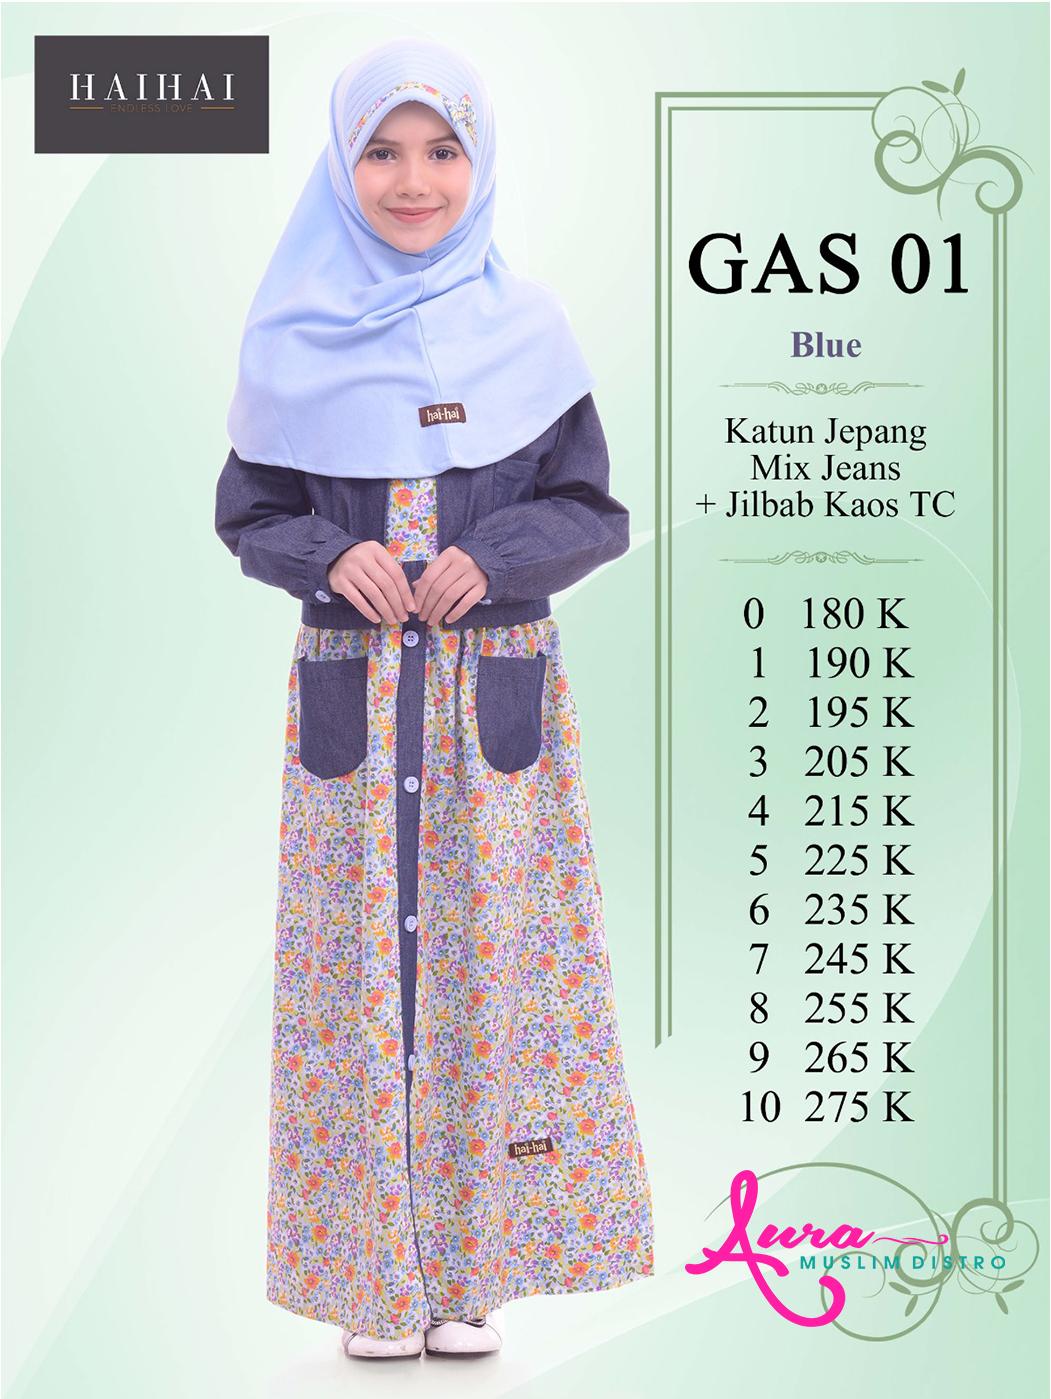 Distributor Busana Muslim Karawang